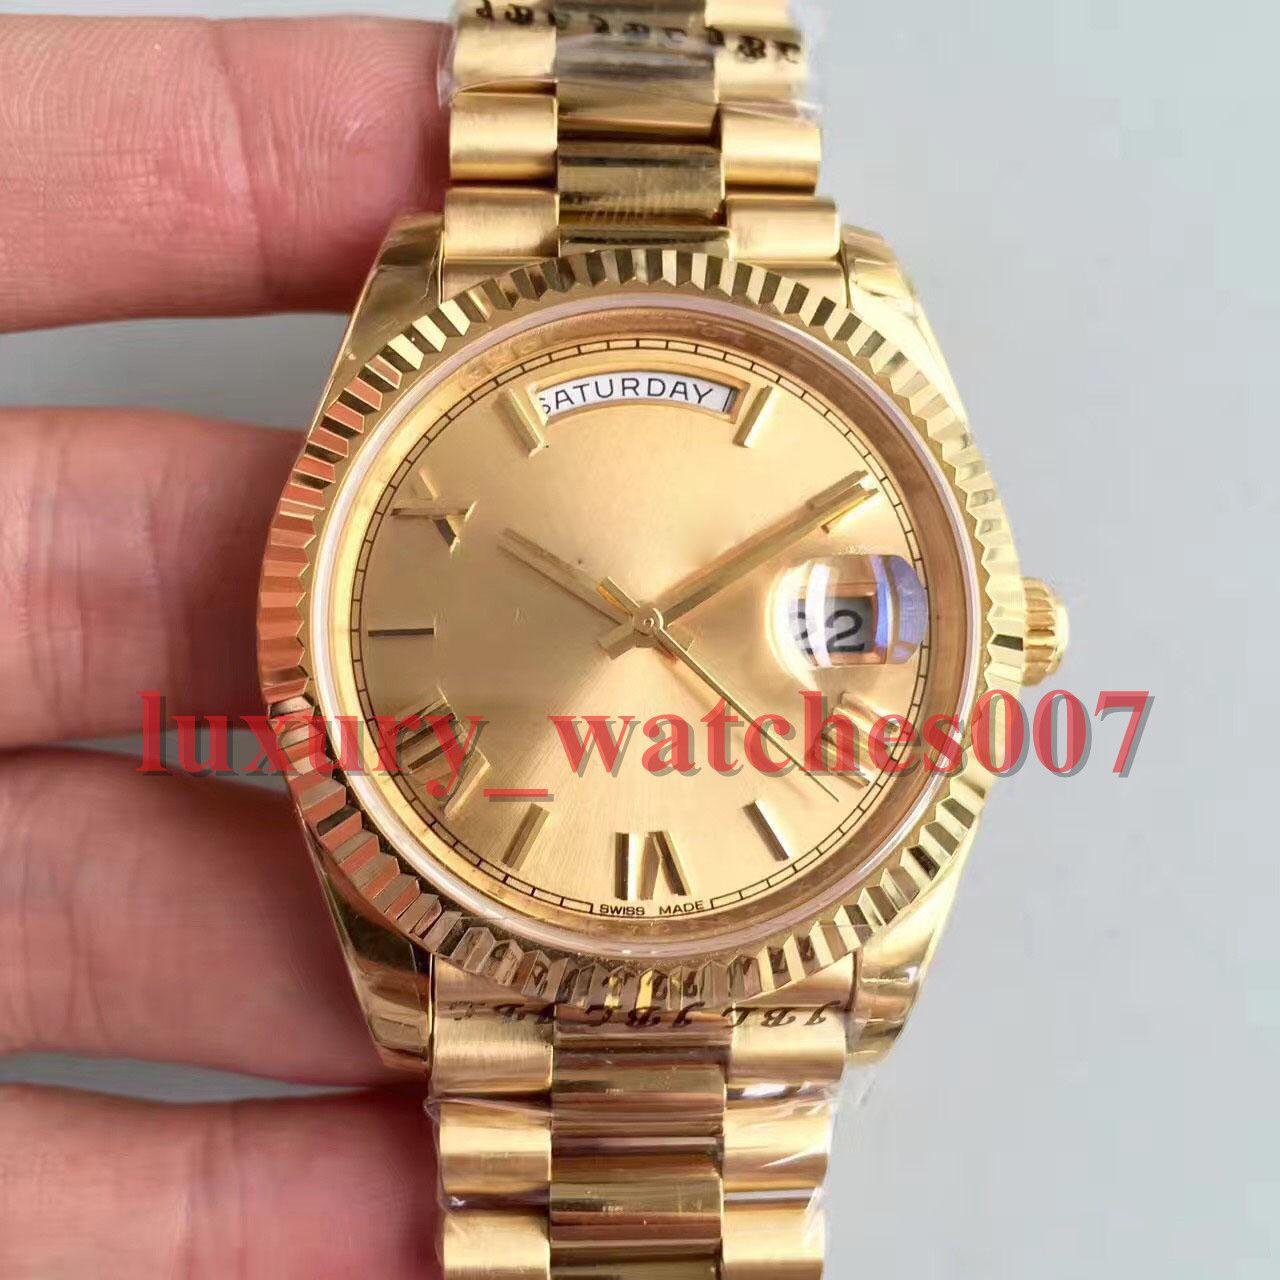 2019 핫 남자 럭셔리 시계 새로운 18K 골드 40MM 228238 기계식 사파이어 시계 고품질 자동 무브먼트 스테인레스 스틸 손목 시계